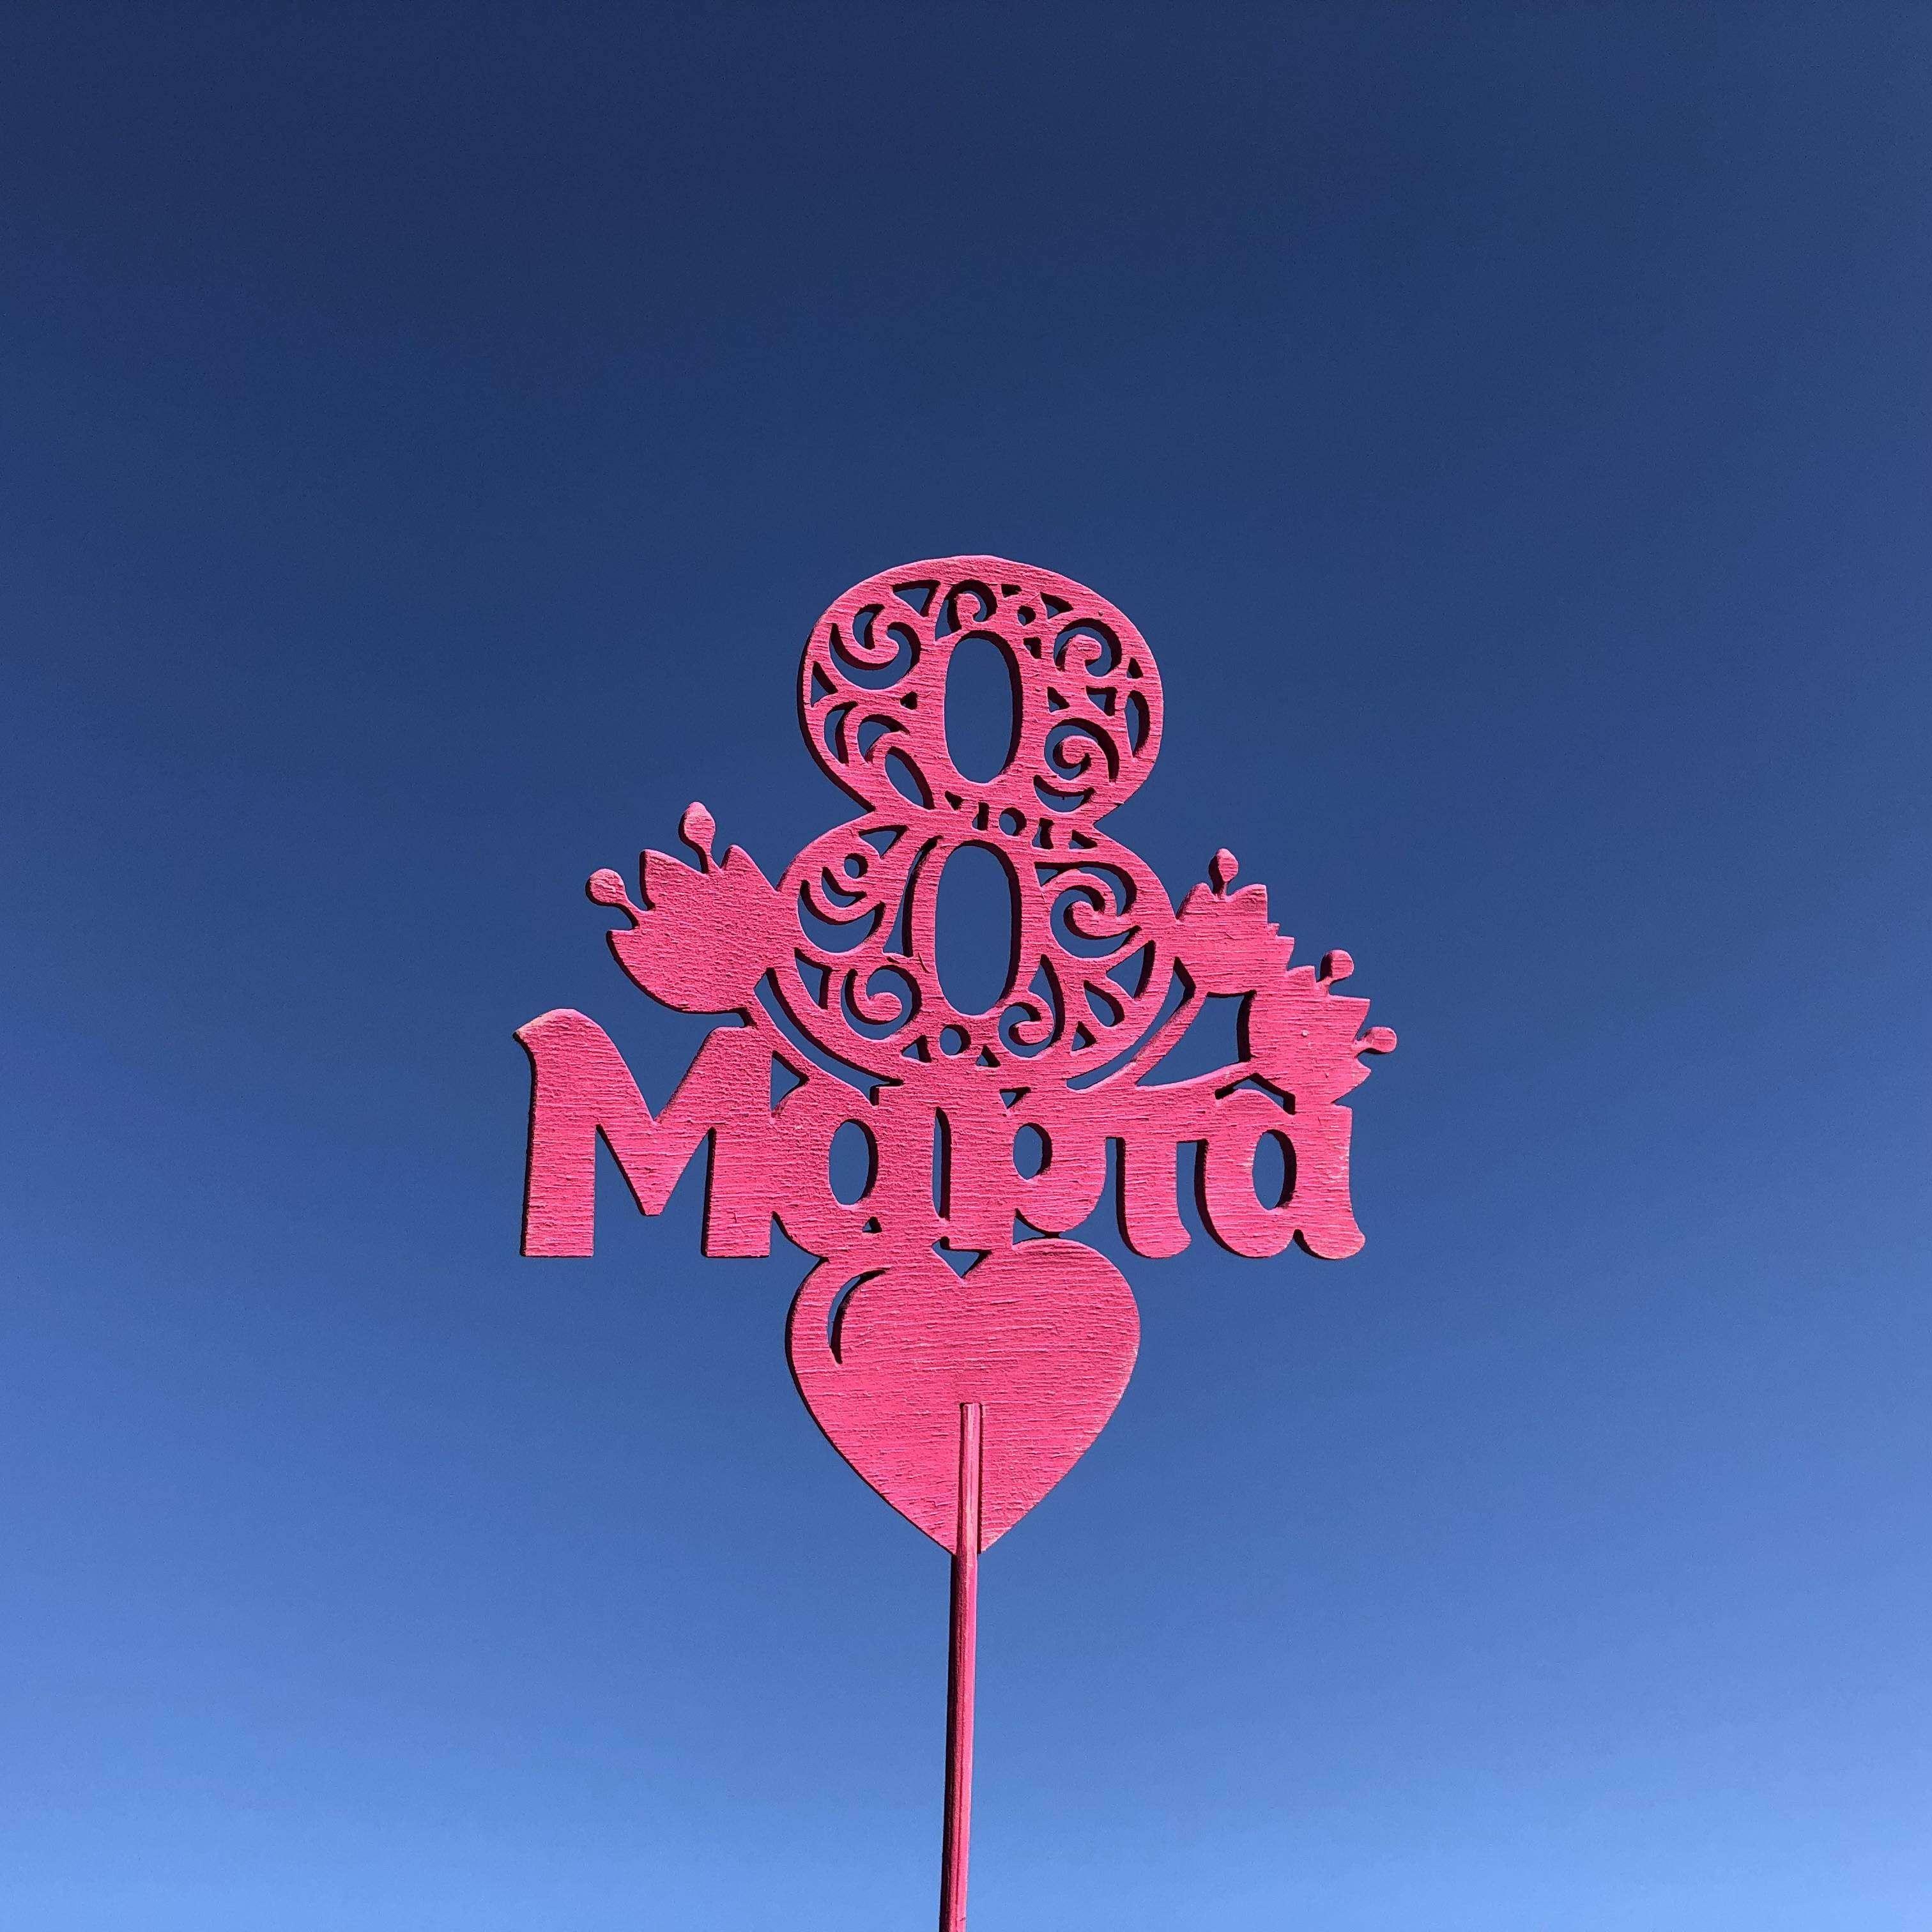 C 8 Марта «ТР�Рџ2В» Топпер СЃ 8 марта, может быть выполнен РІ различных цветах. Топпер, Топер, СЃ 8 марат, 8 марта, открытка, дерево - Цена, Стоимость - 30 руб.(доставка по всей России)